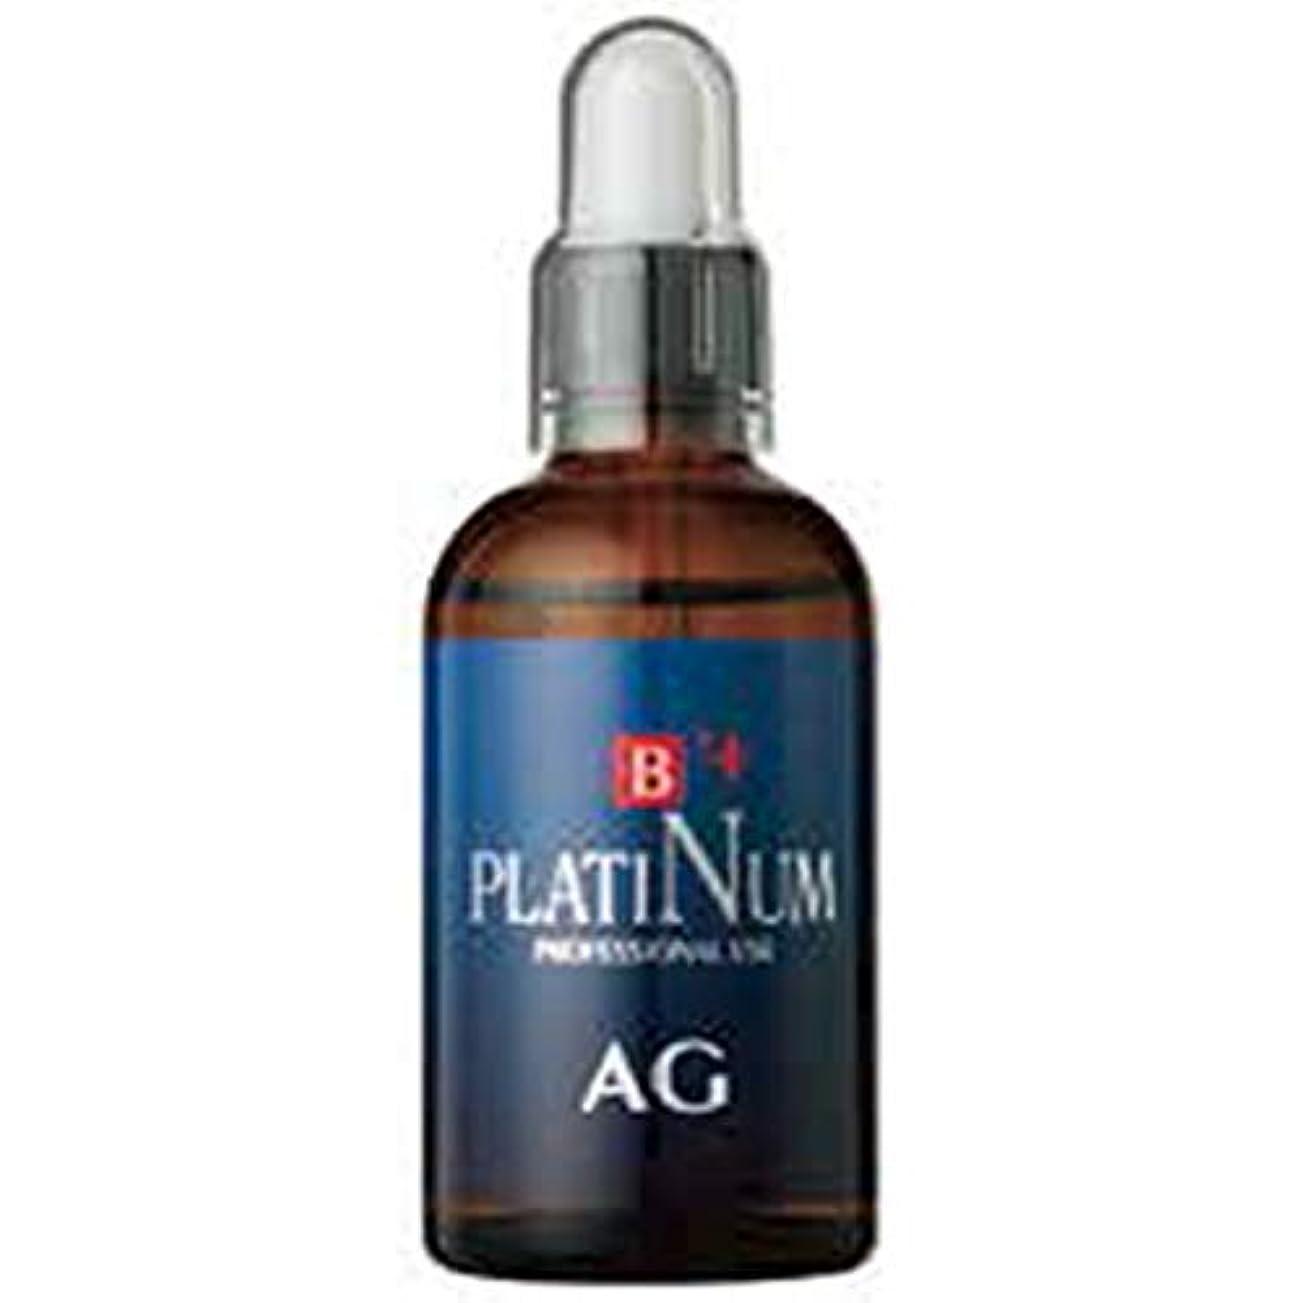 論理的草外交官【ビューティー プラチナム】 PLATINUM B'+  アルジレリン16%(+シンーエイク配合 高濃度美容液)  リフトアップ専用:100ml